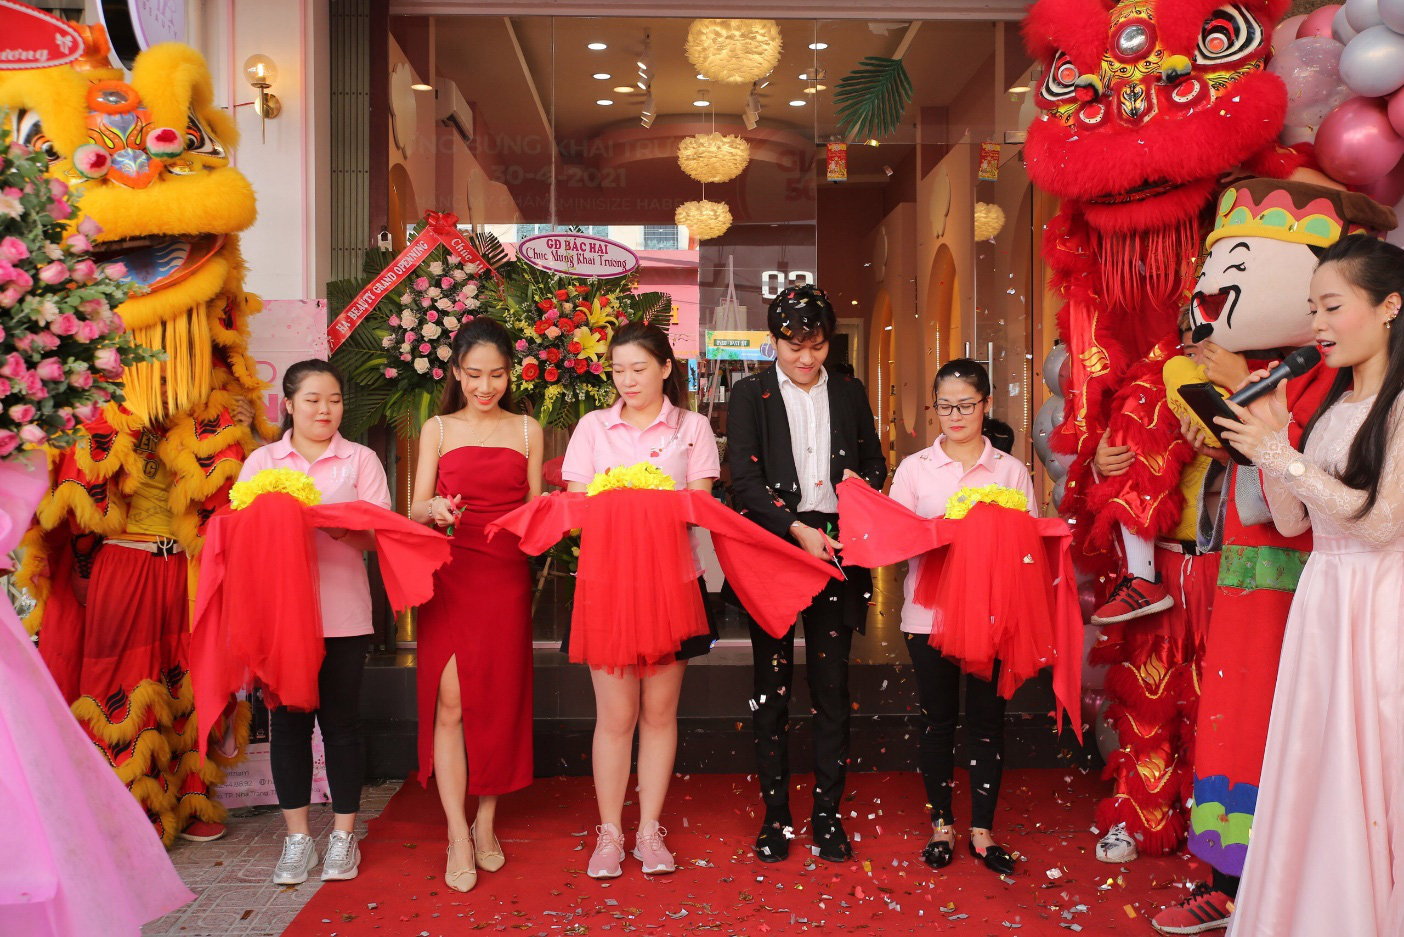 Chuỗi cửa hàng mỹ phẩm mini size HA Beauty khai trương đồng loạt tại Nha Trang và Cao Lãnh - Ảnh 1.